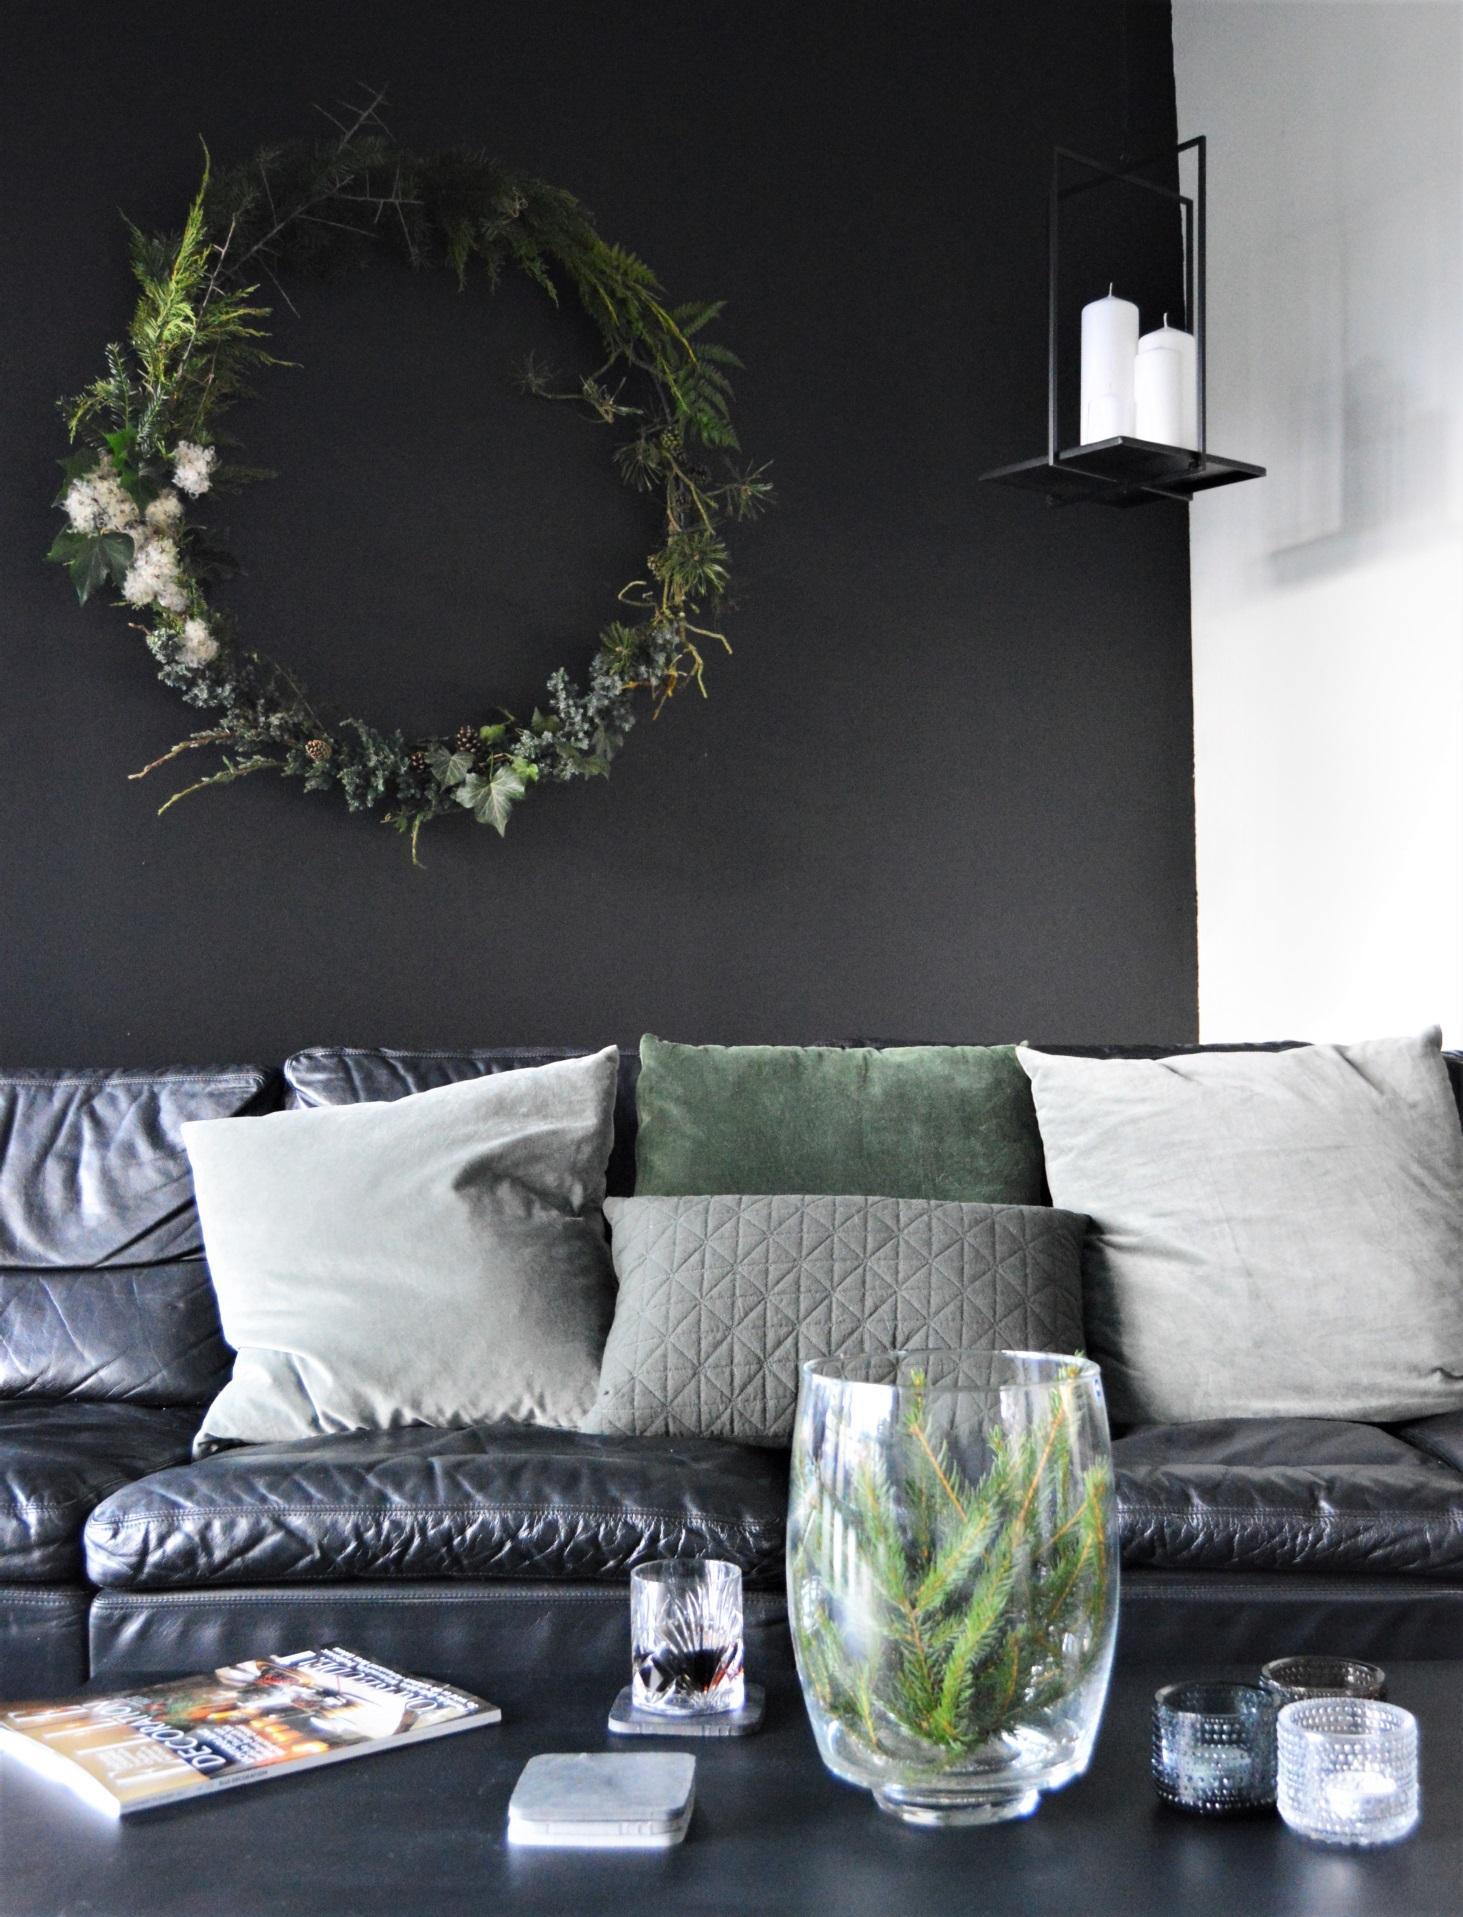 Minimalistisch wohnen bilder ideen couchstyle for Wohnzimmer minimalistisch